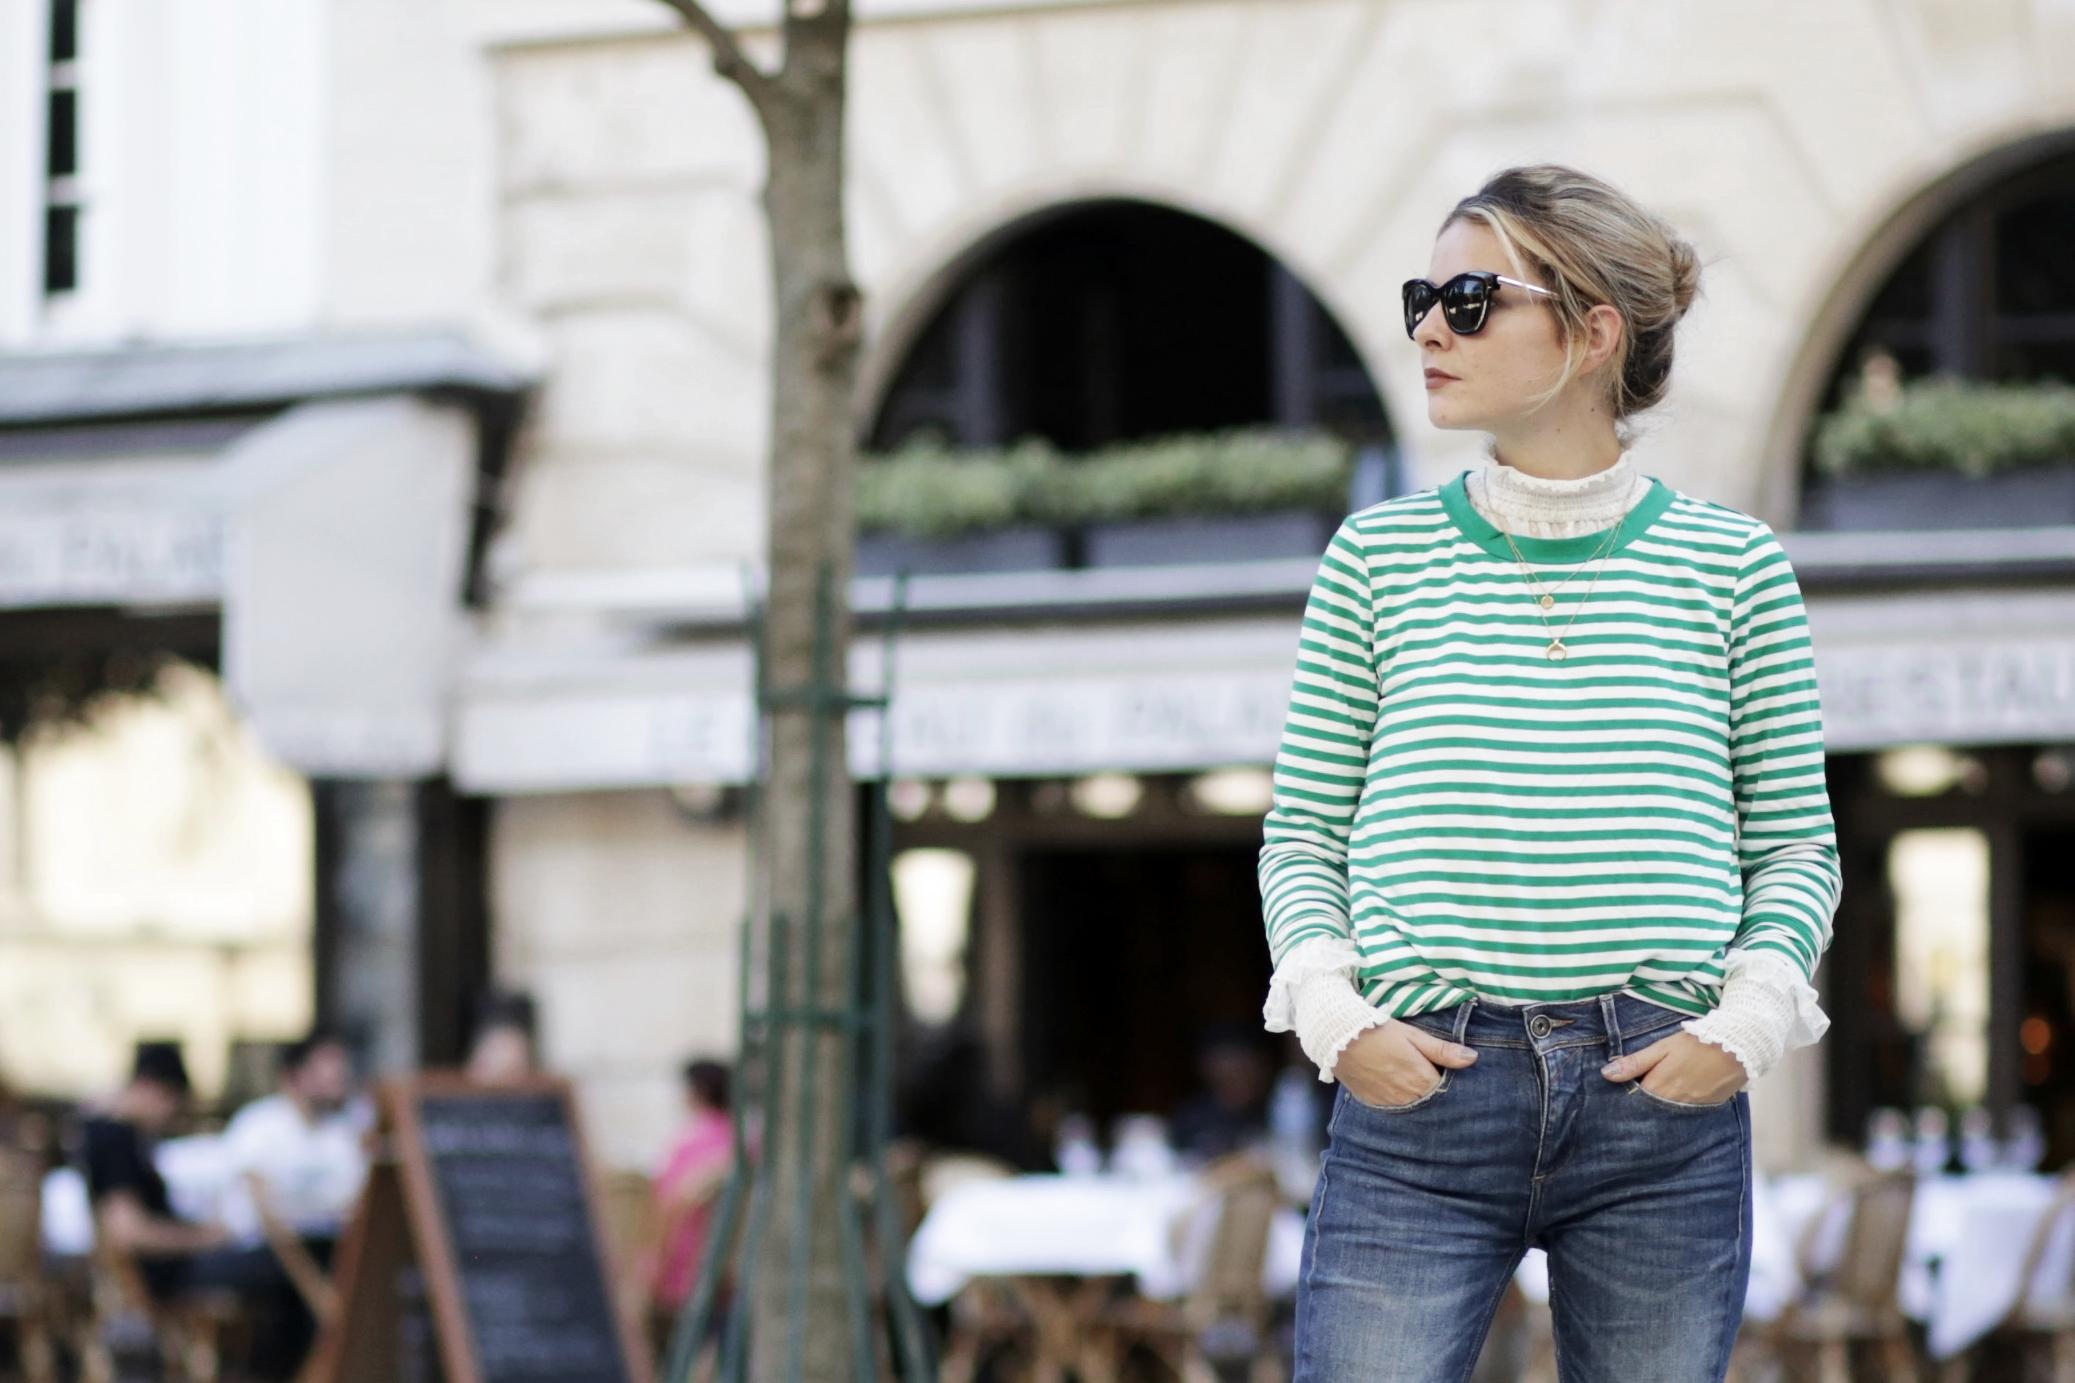 street-style-mathilde-margail-minimalism-style-2